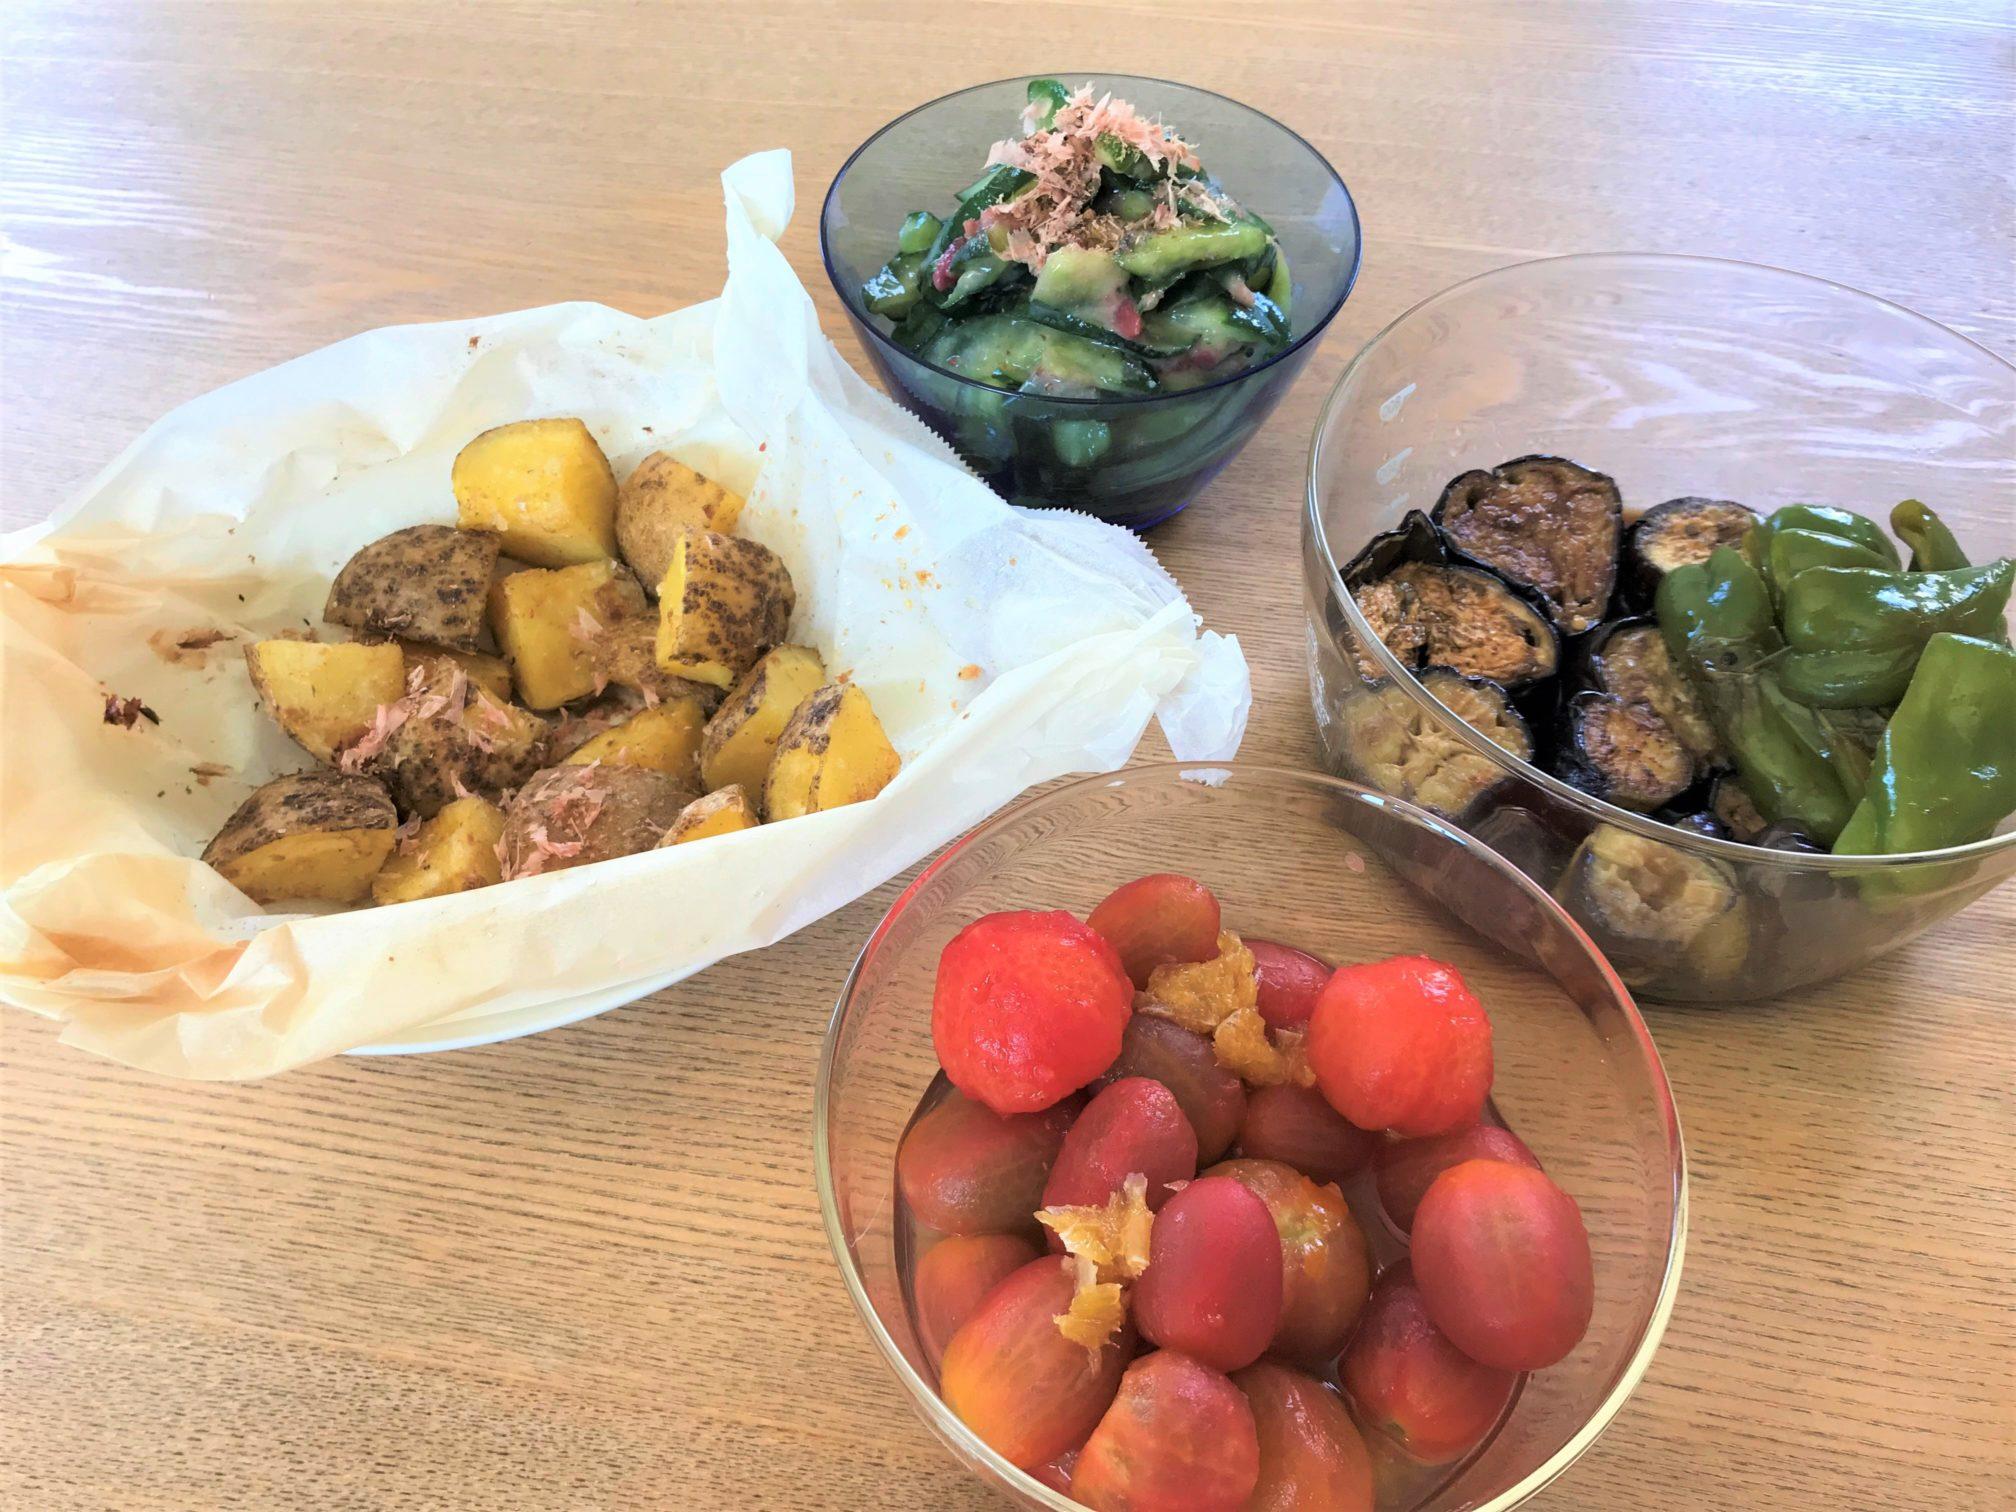 「発酵の力でみんなを笑顔にしたい!」青木光左代さんに教わる発酵×夏野菜レシピ